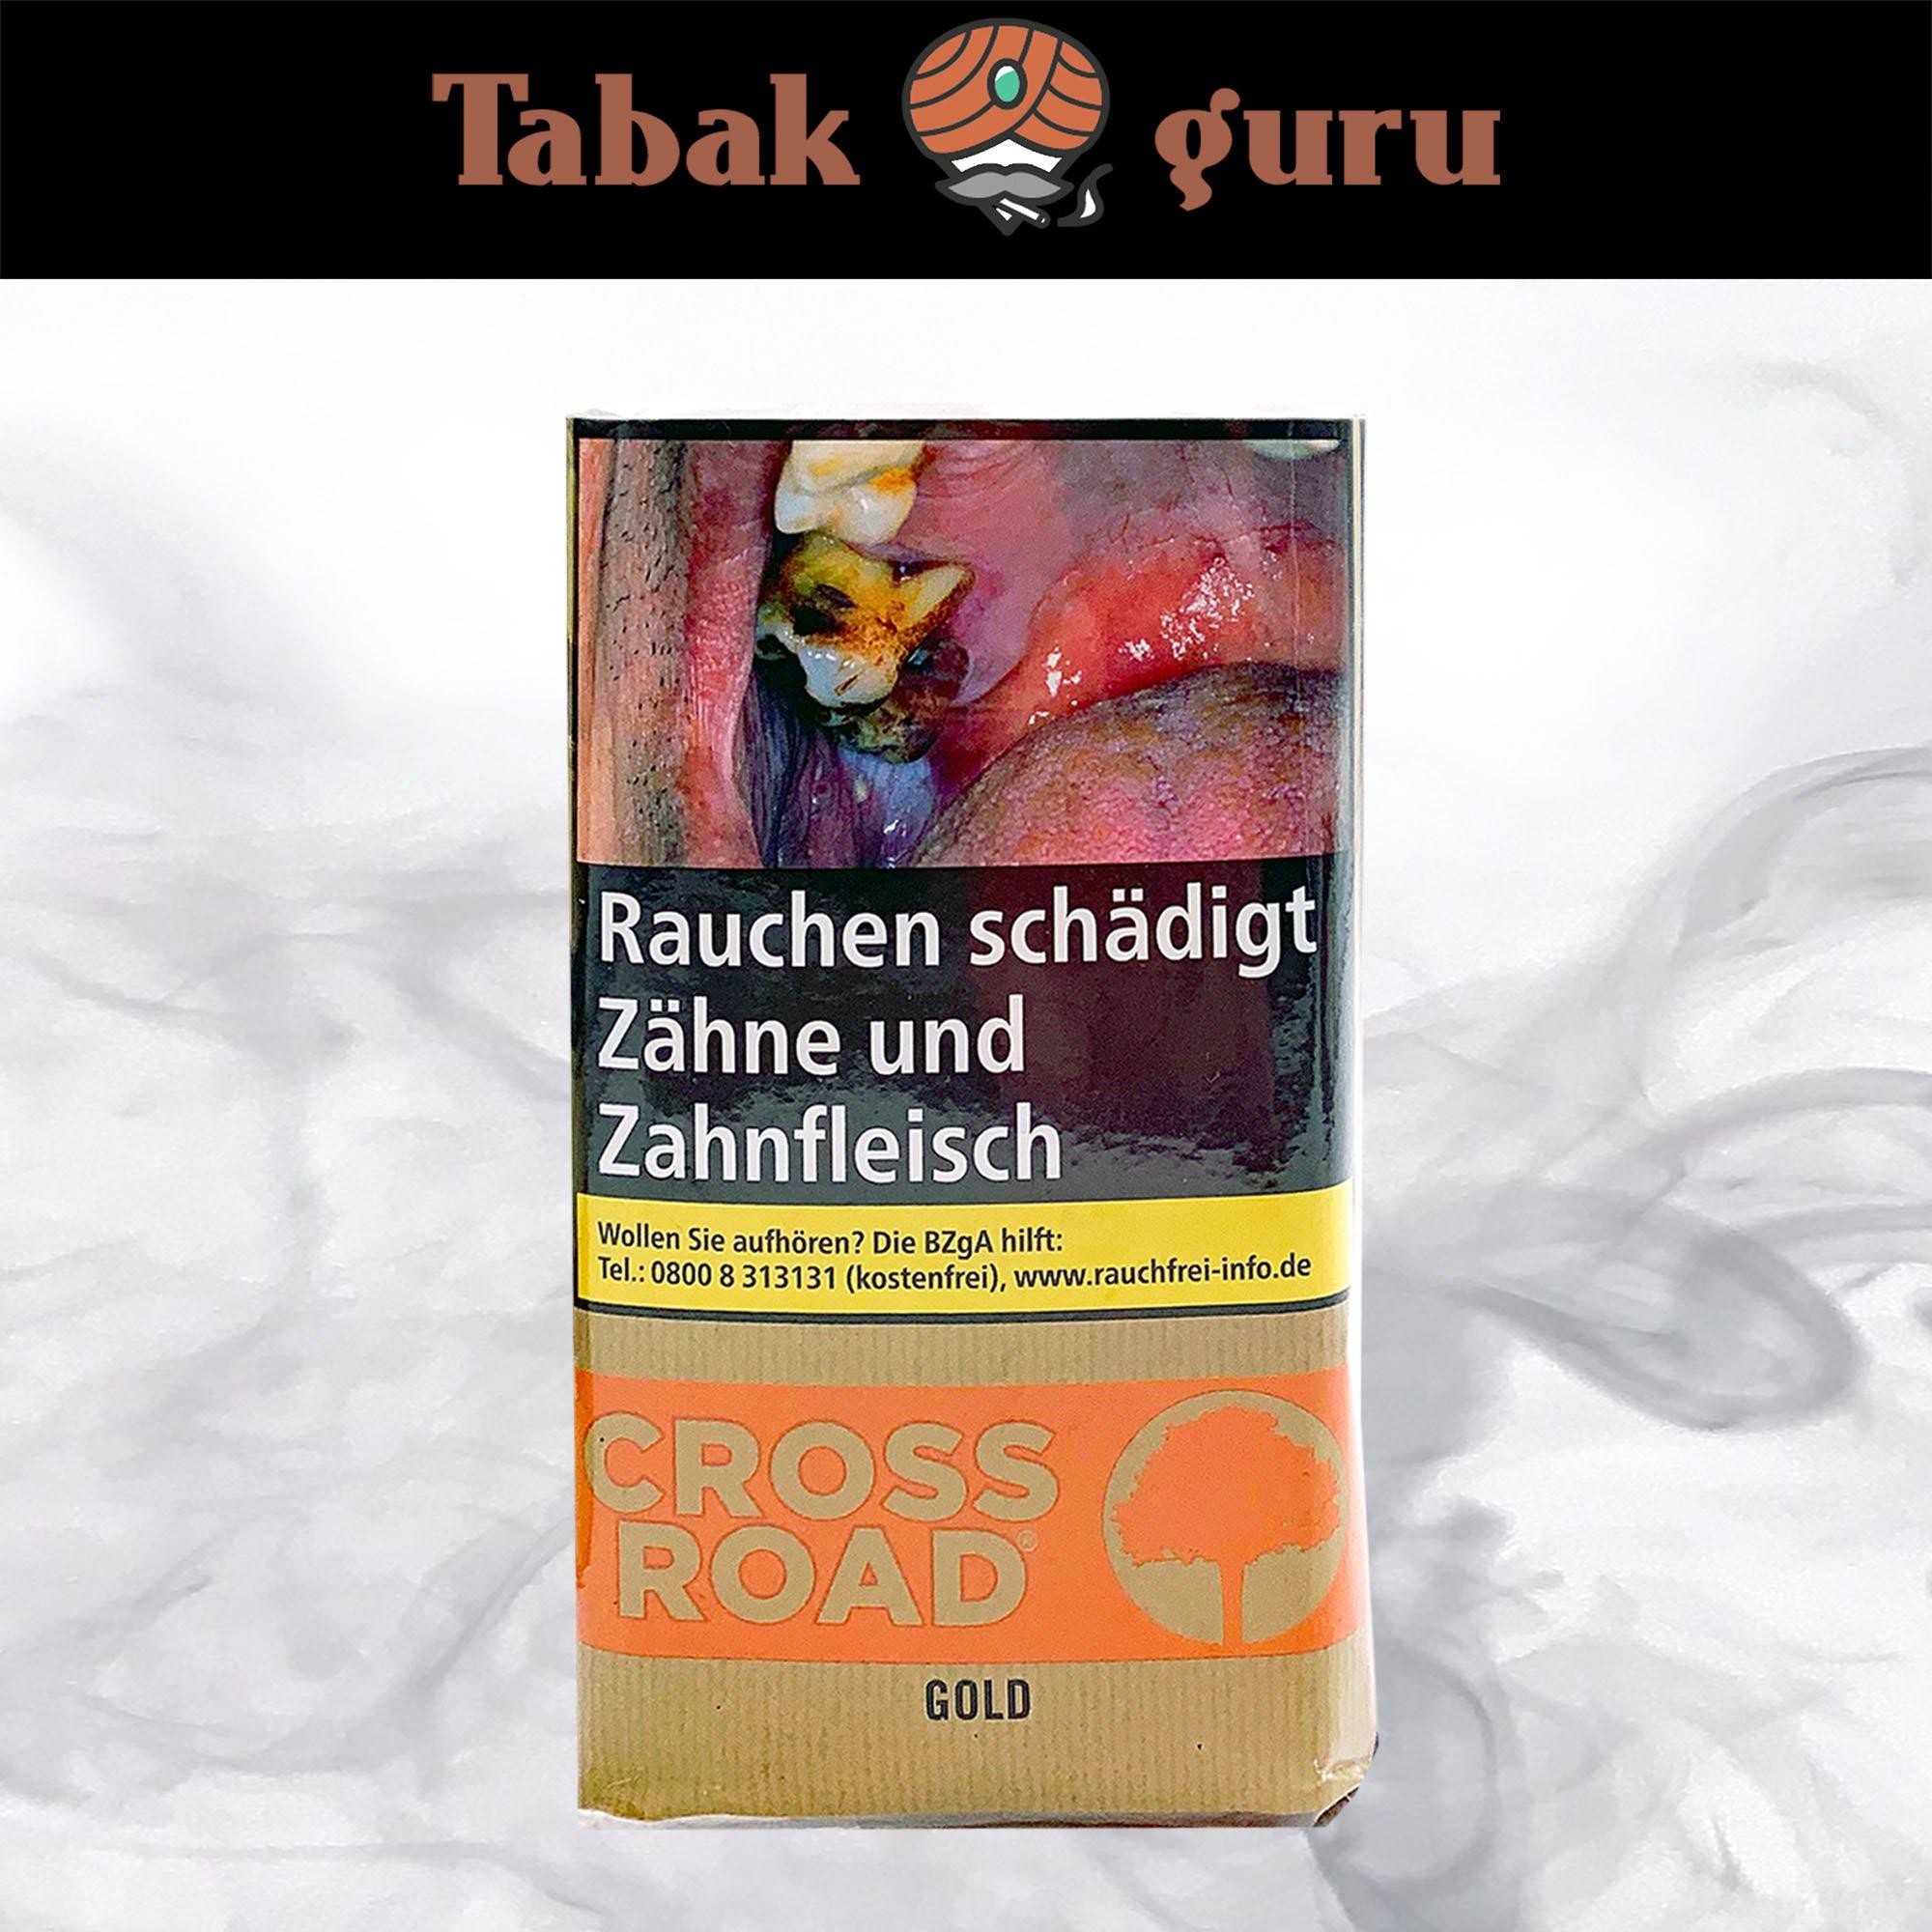 Crossroad Gold Drehtabak / Feinschnitt 30g Pouch